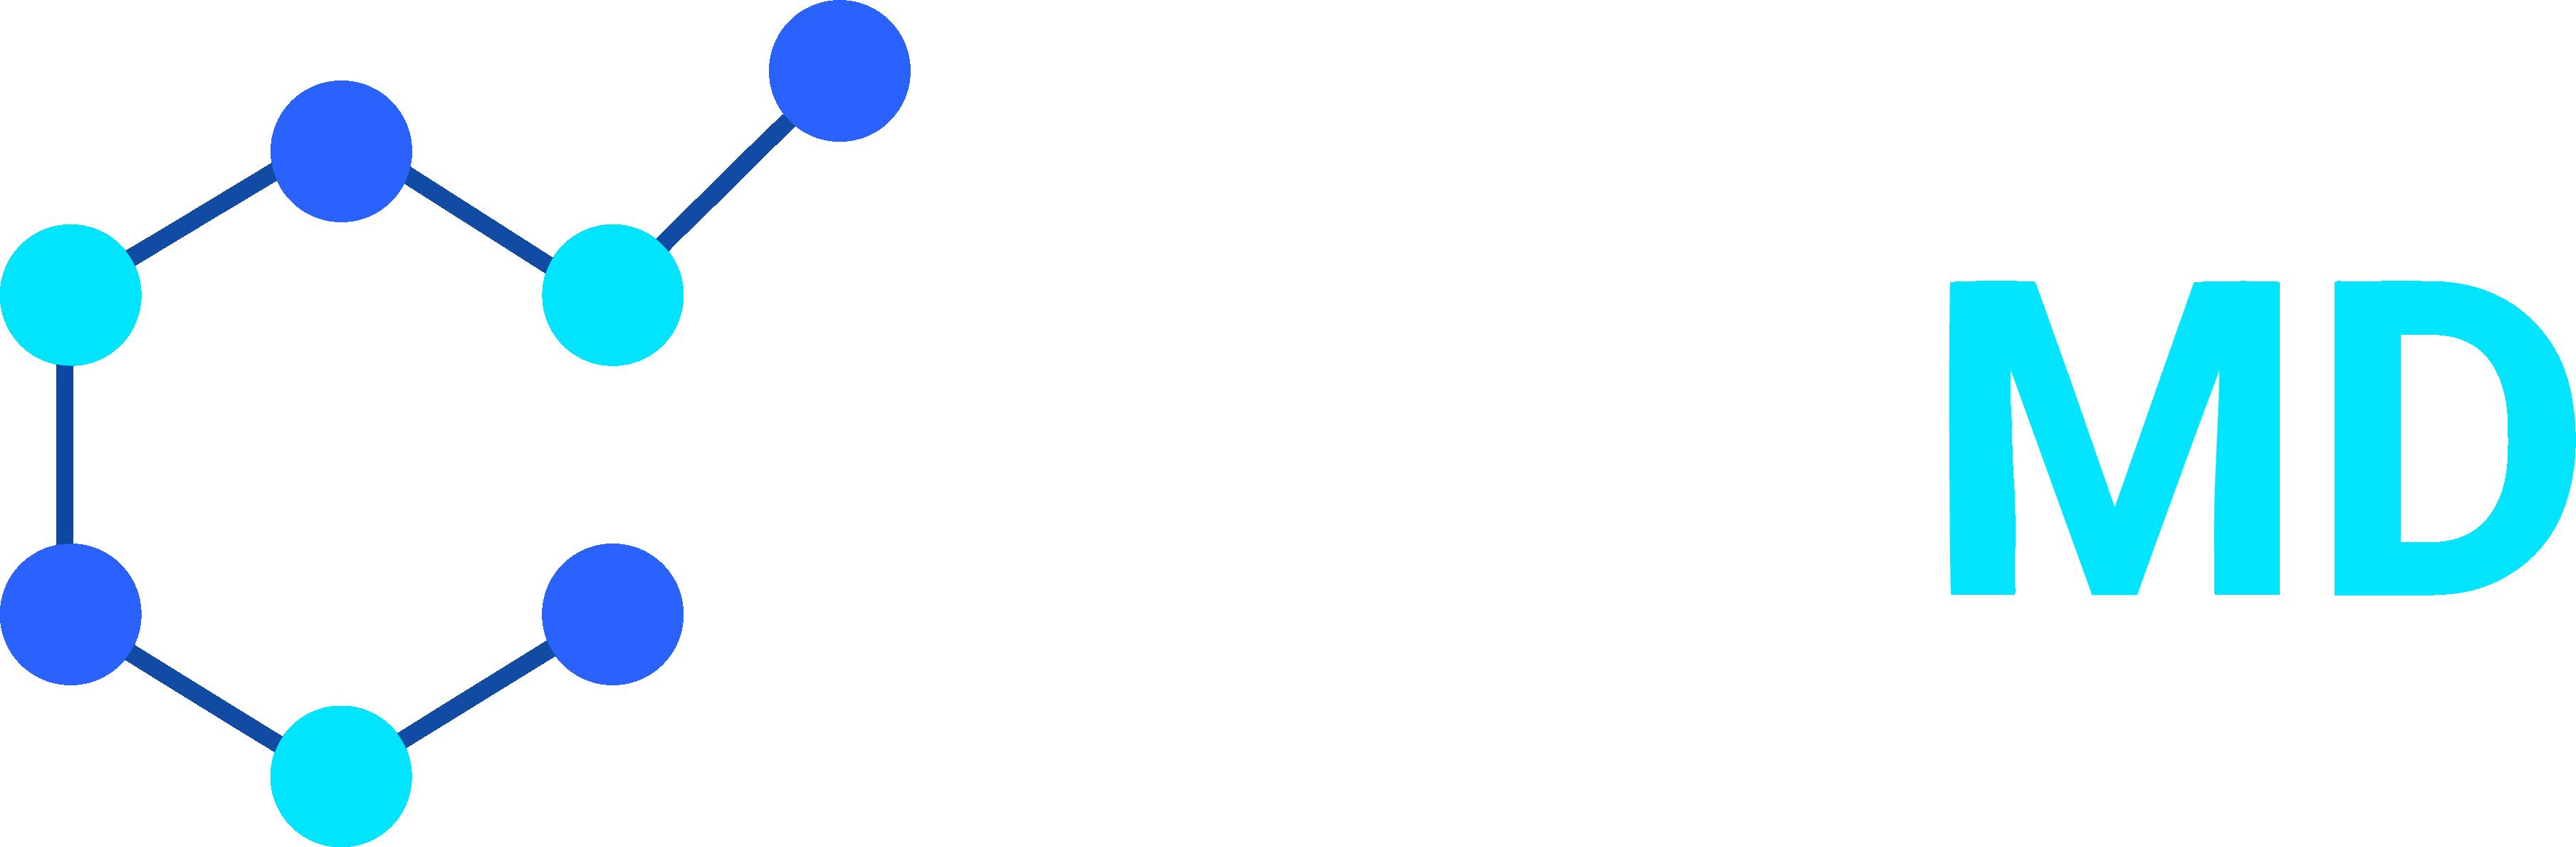 SugarMD